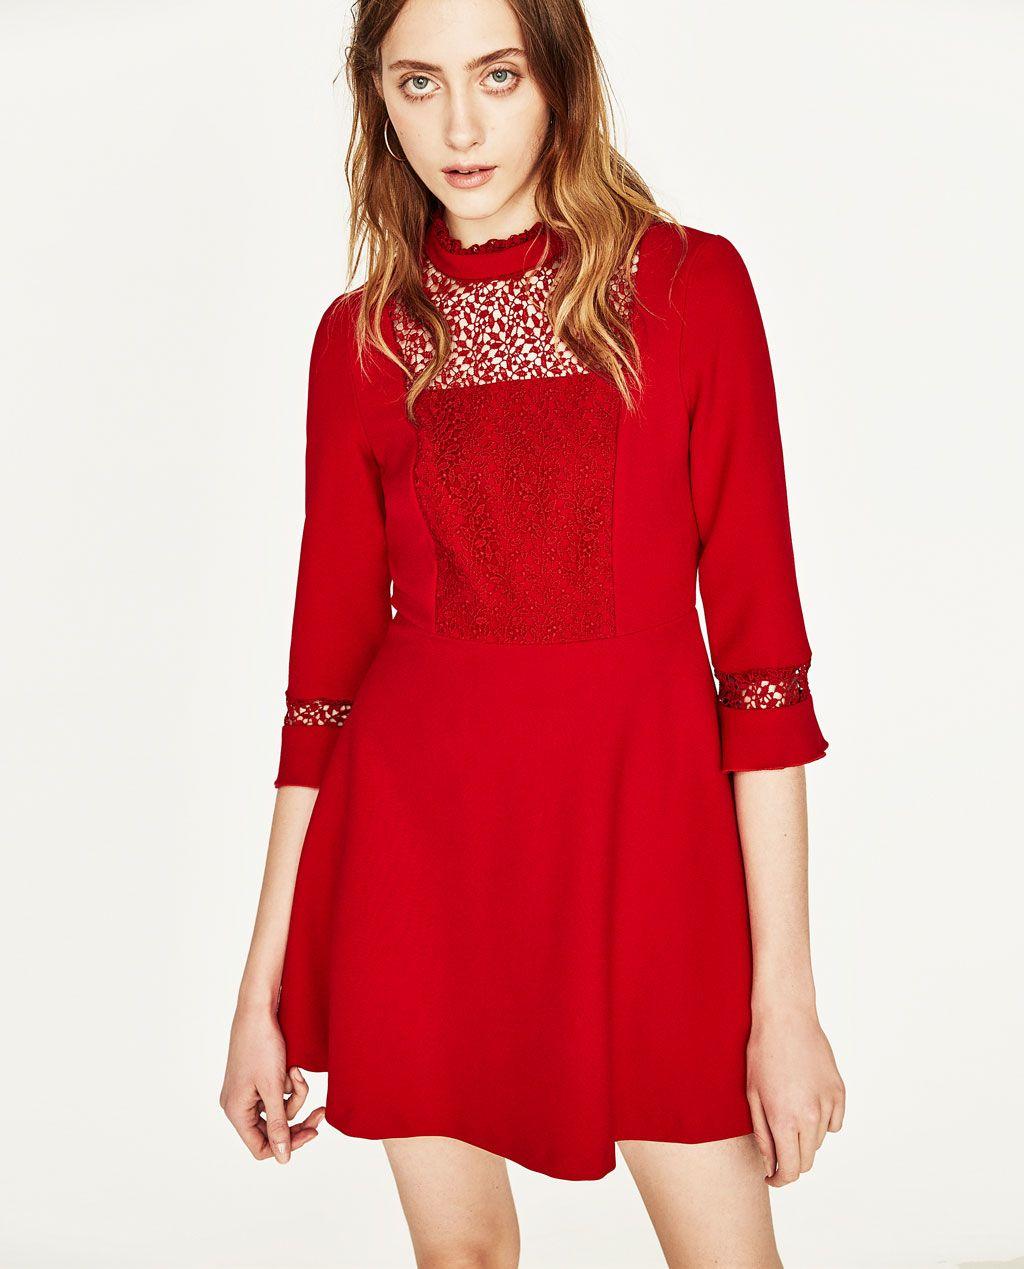 Red dress in zara